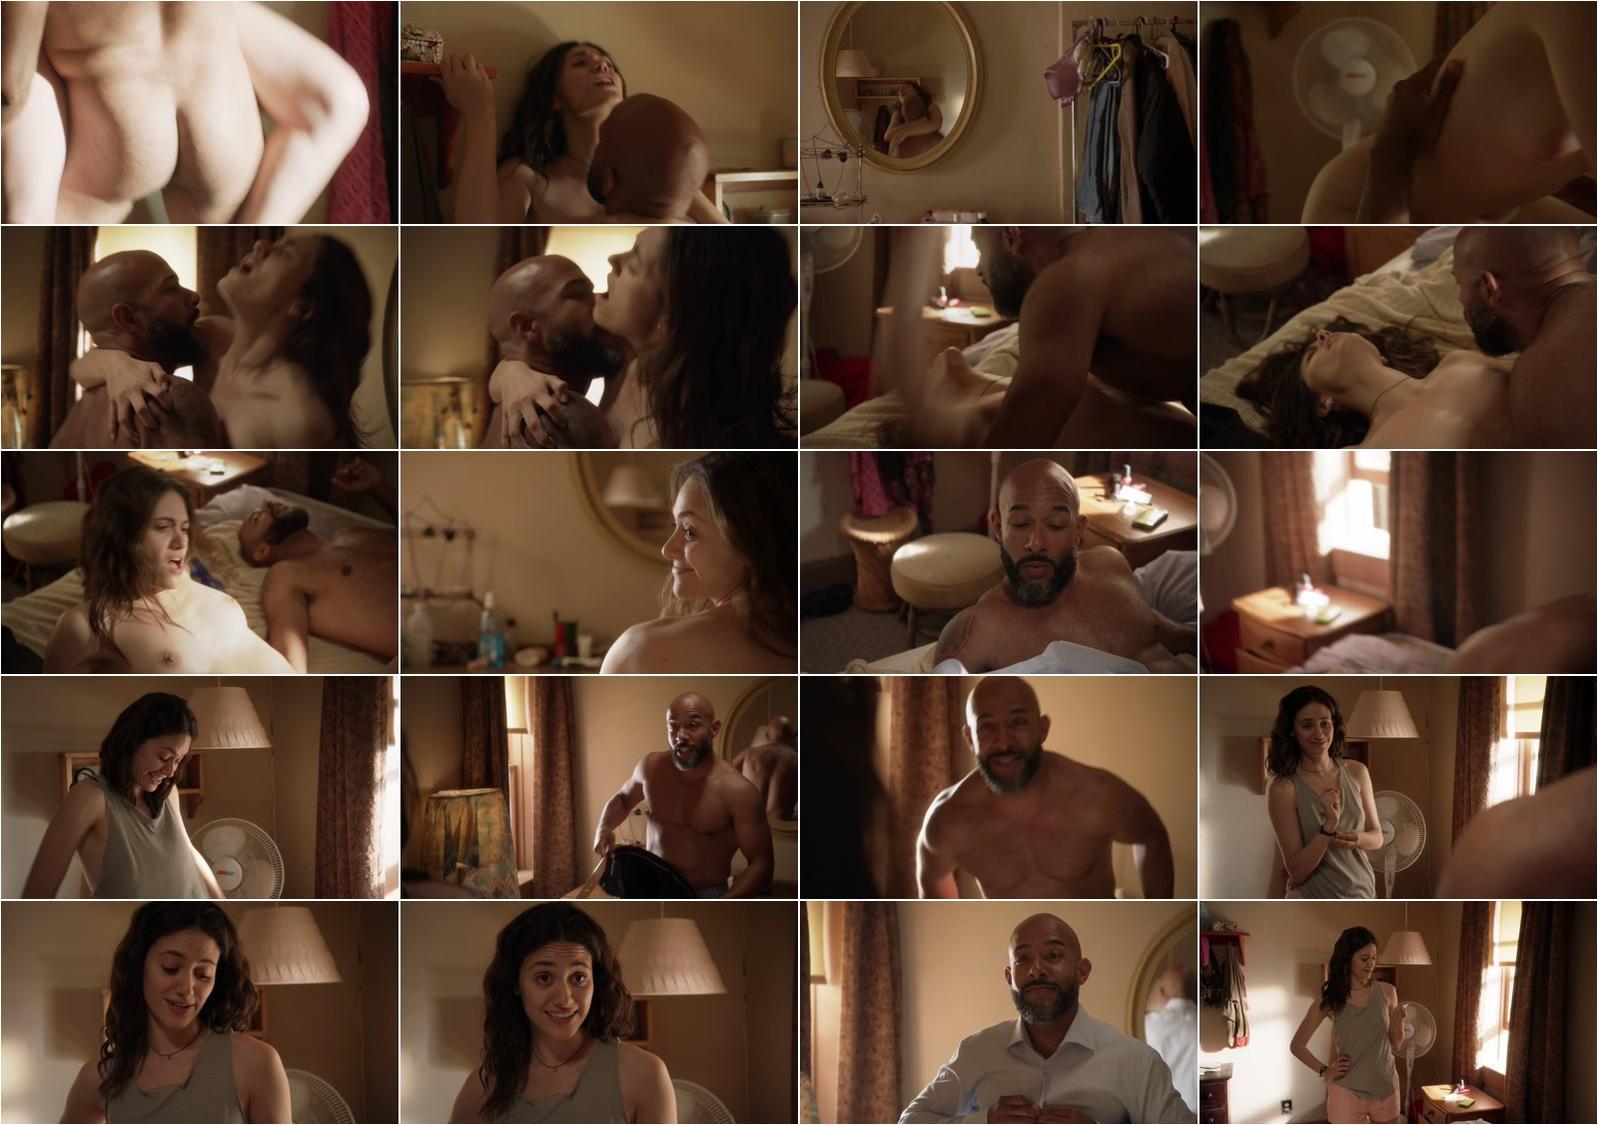 Emmy Rossum nude - Shameless s07e05 (2016)